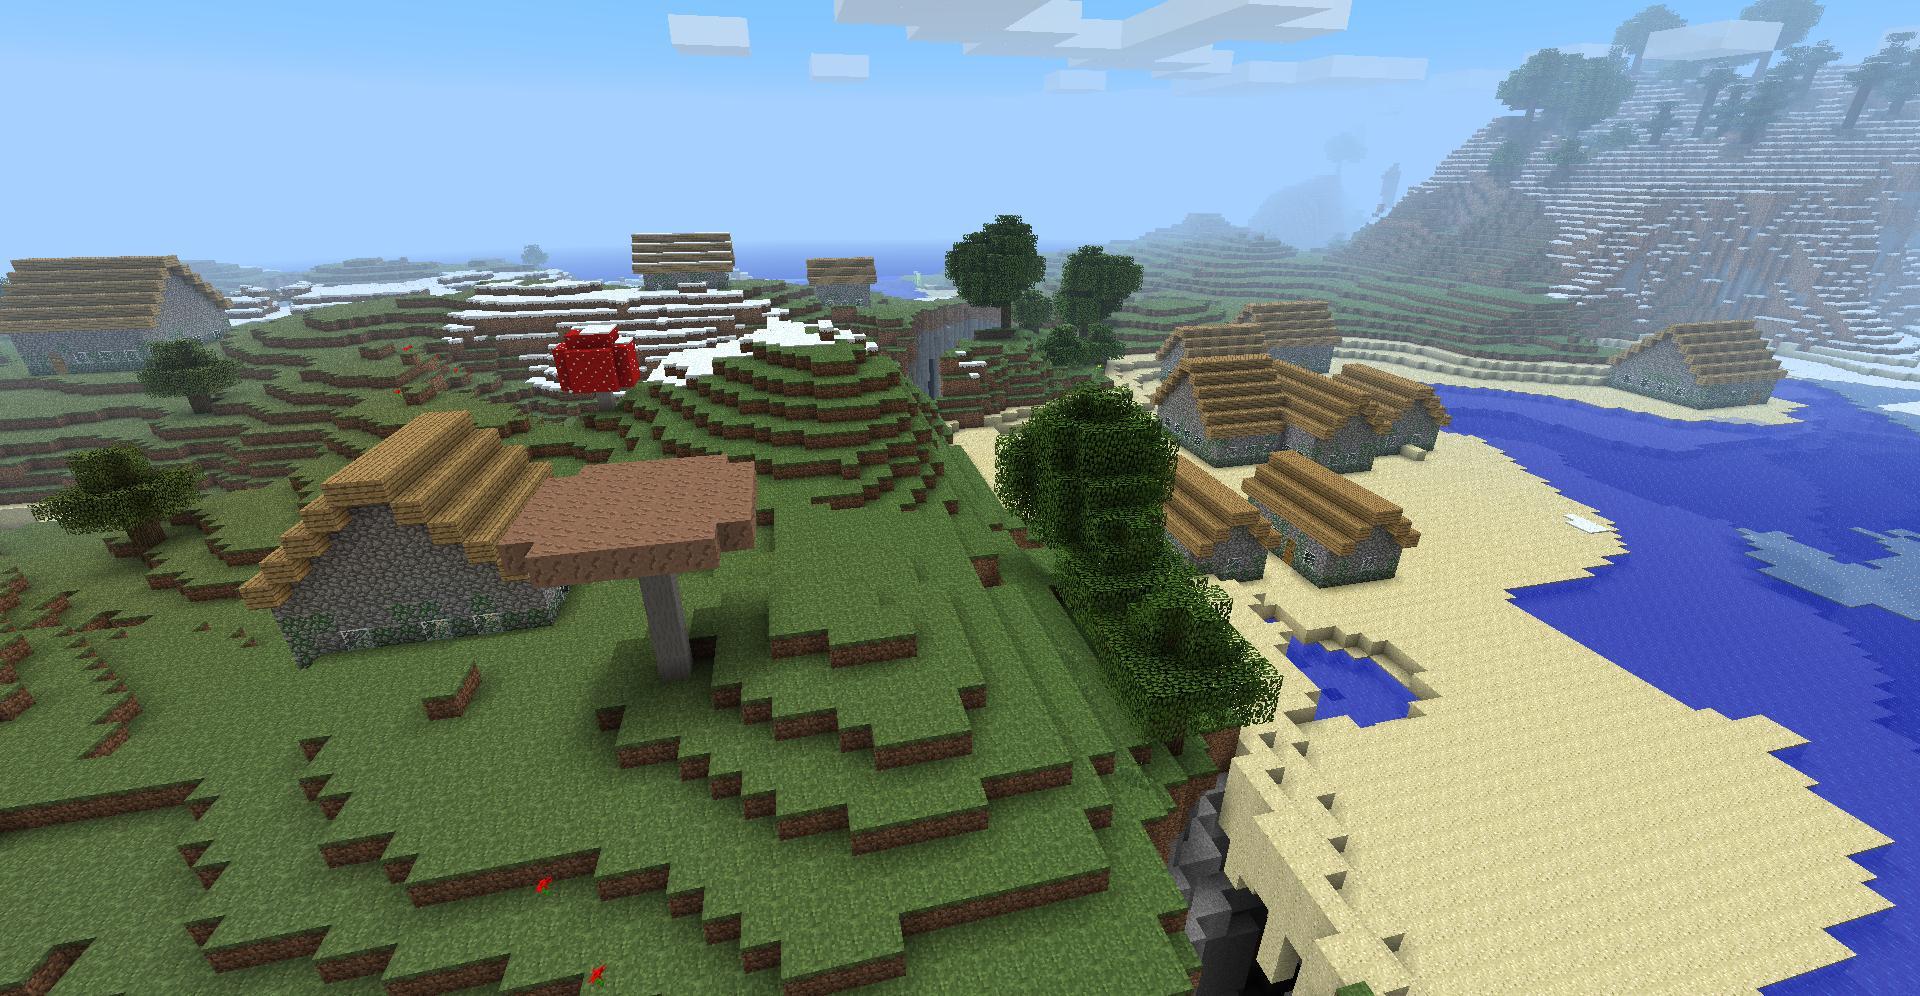 Minecraft movie in development at Warner Bros.